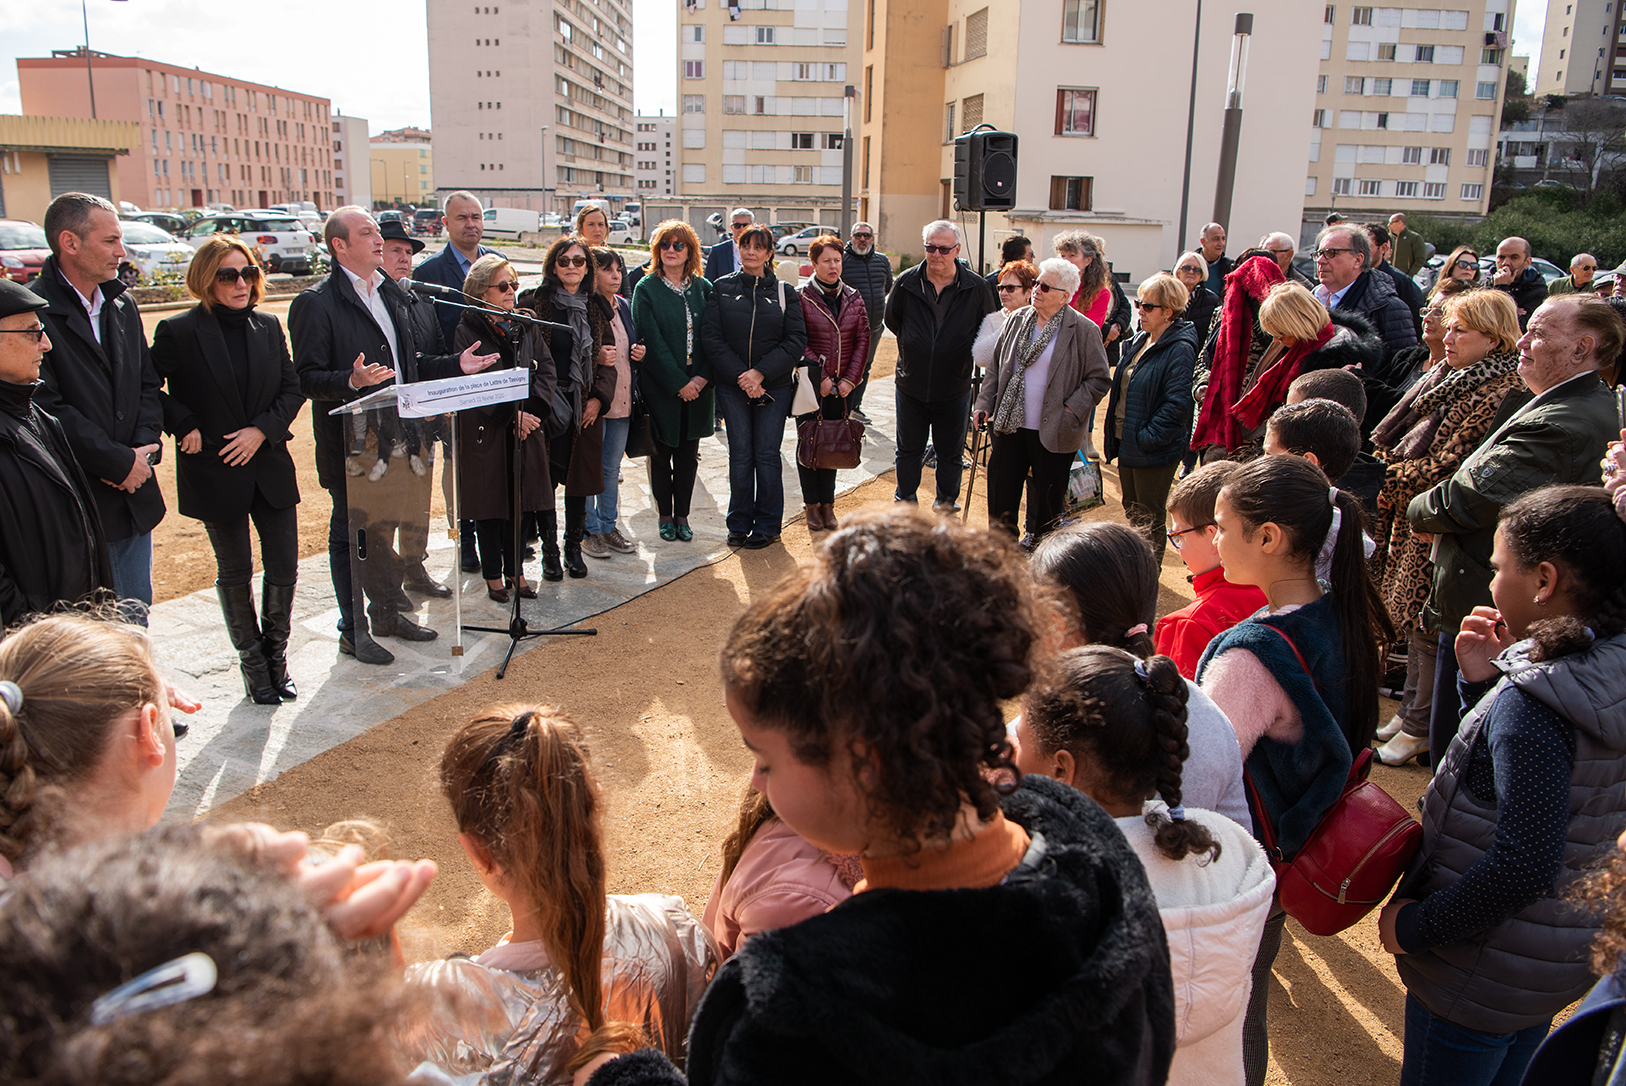 Plus d'une centaine de personnes dont des élus et des habitants du quartier, a assisté au dévoilement de la plaque de Lattre de Tassigny à l'occasion de sa totale rénovation (Photos Ville d'Ajaccio).